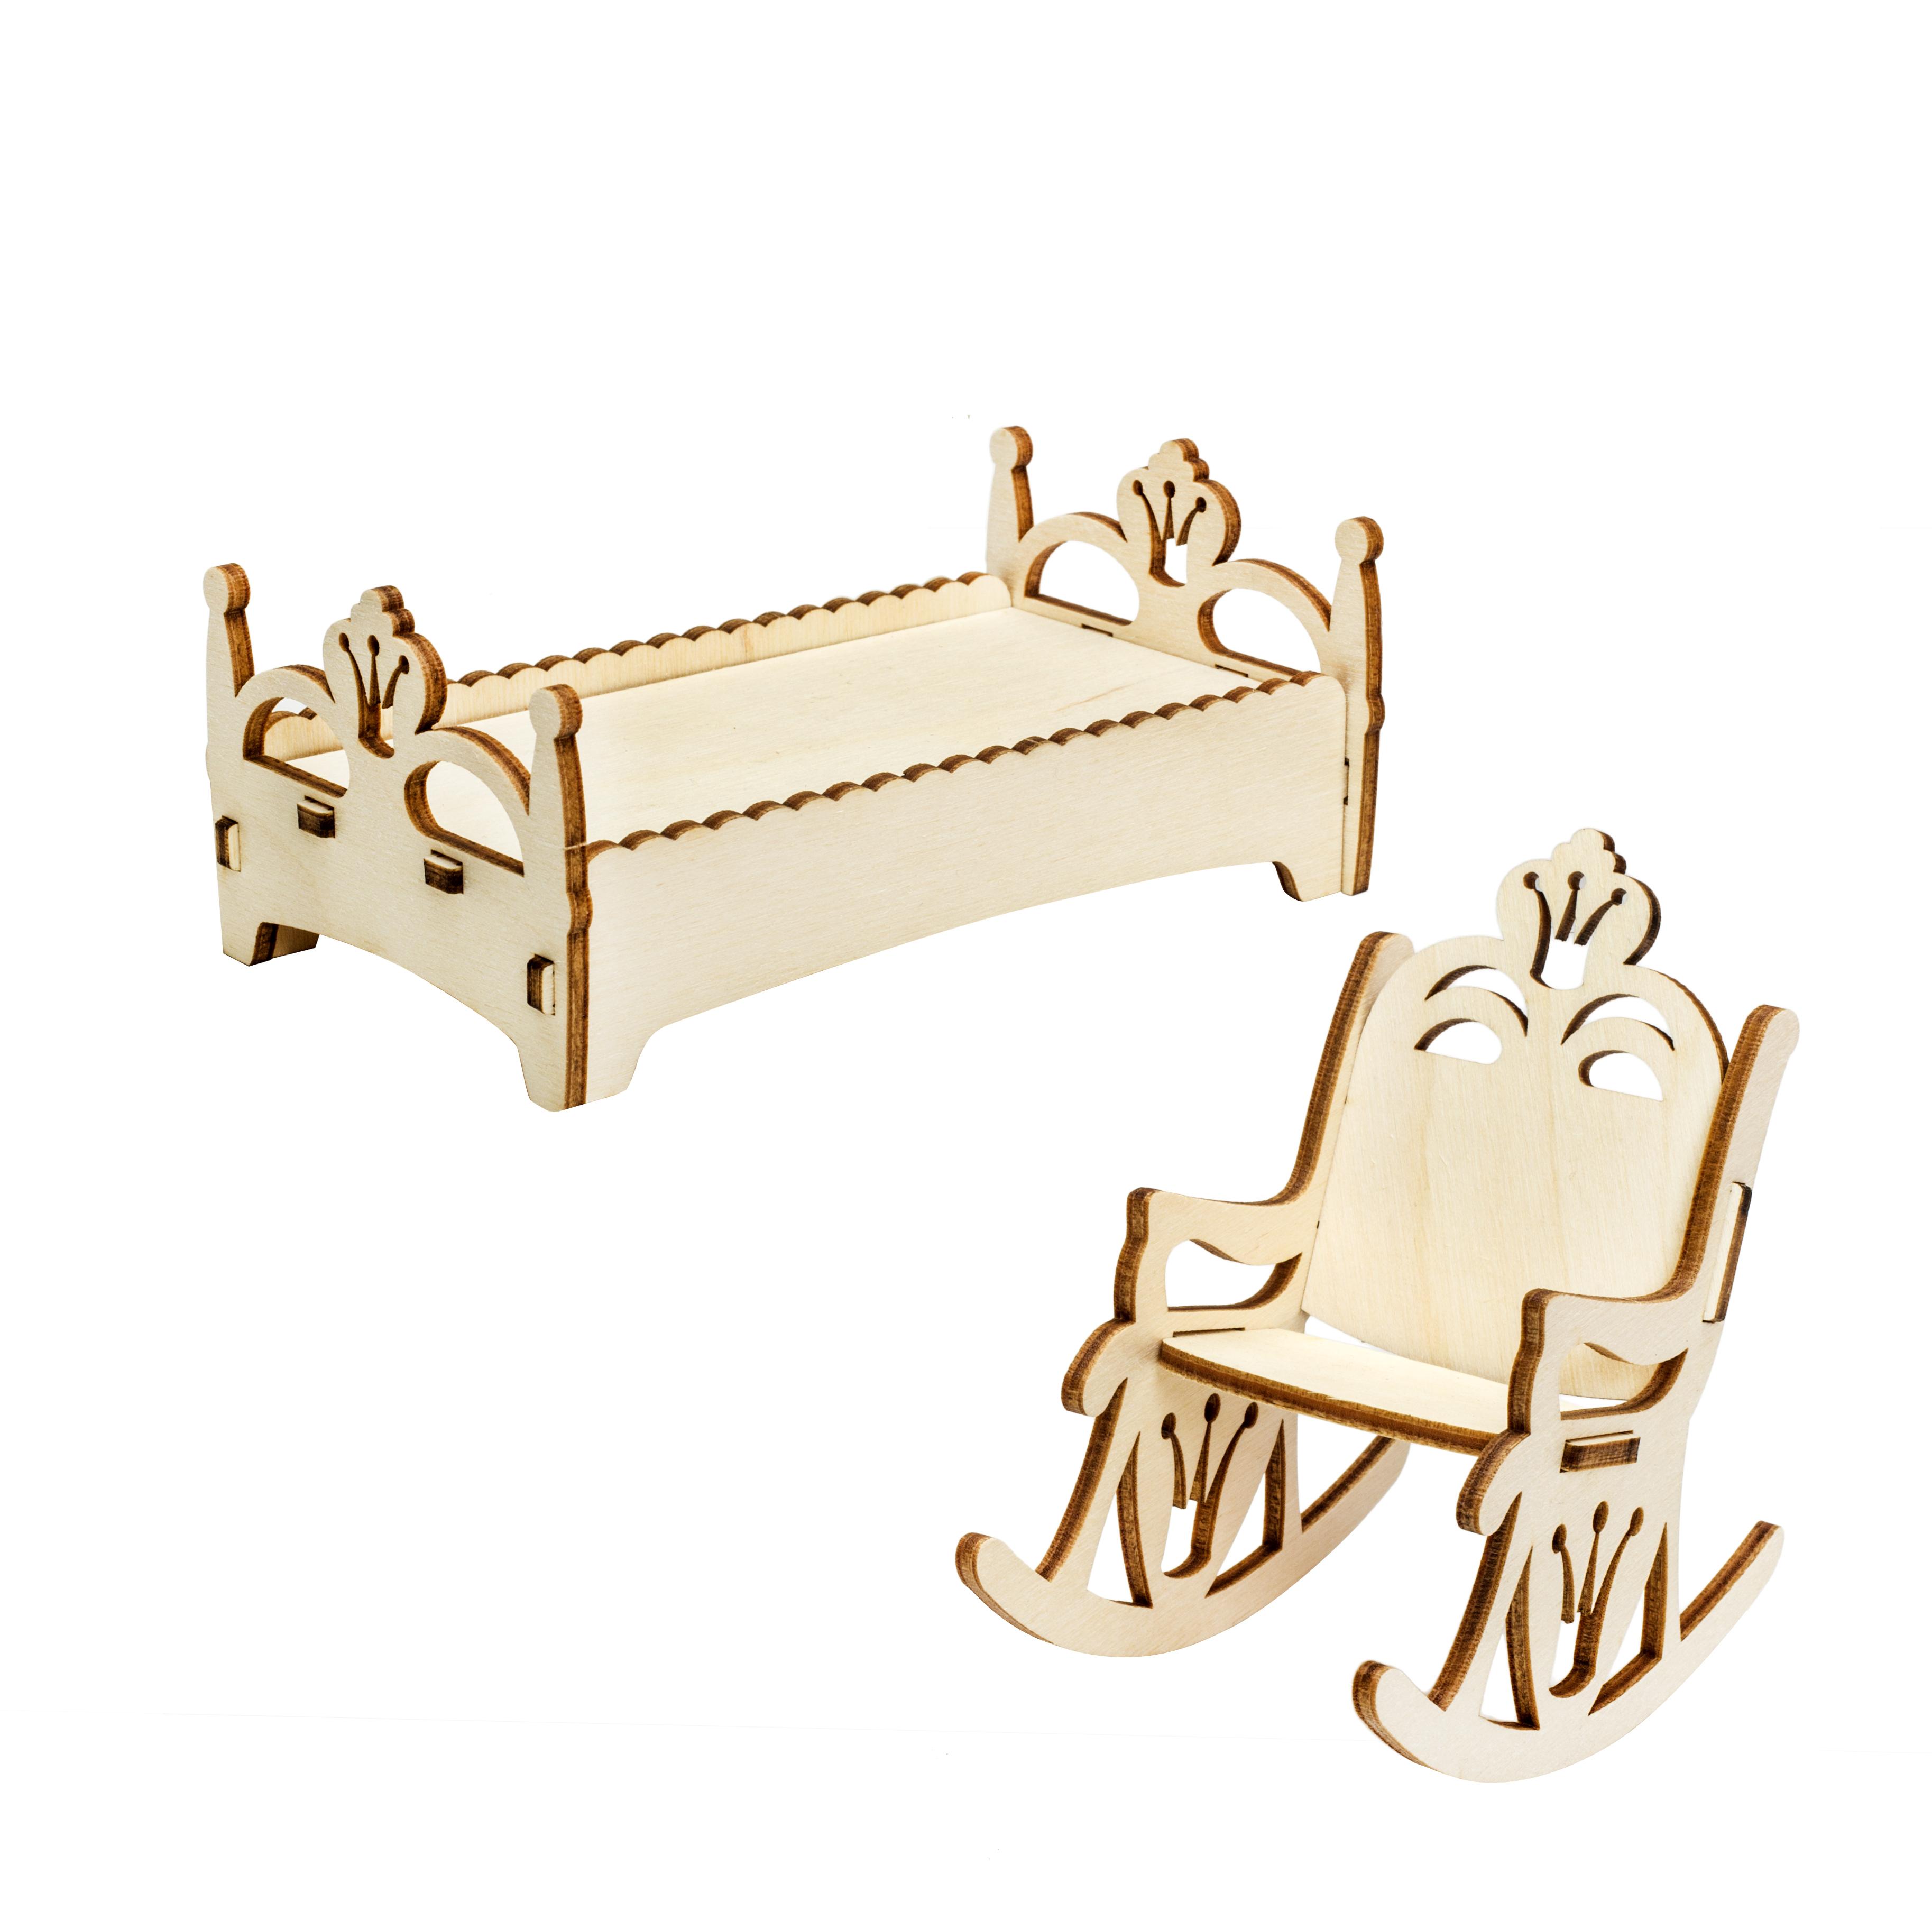 Мебель для кукол Iq Format в домик для кукол LOL, кресло-качалка и кроватка бежевый кроватка качалка для кукол полесье кроватка качалка сборная для кукол 2